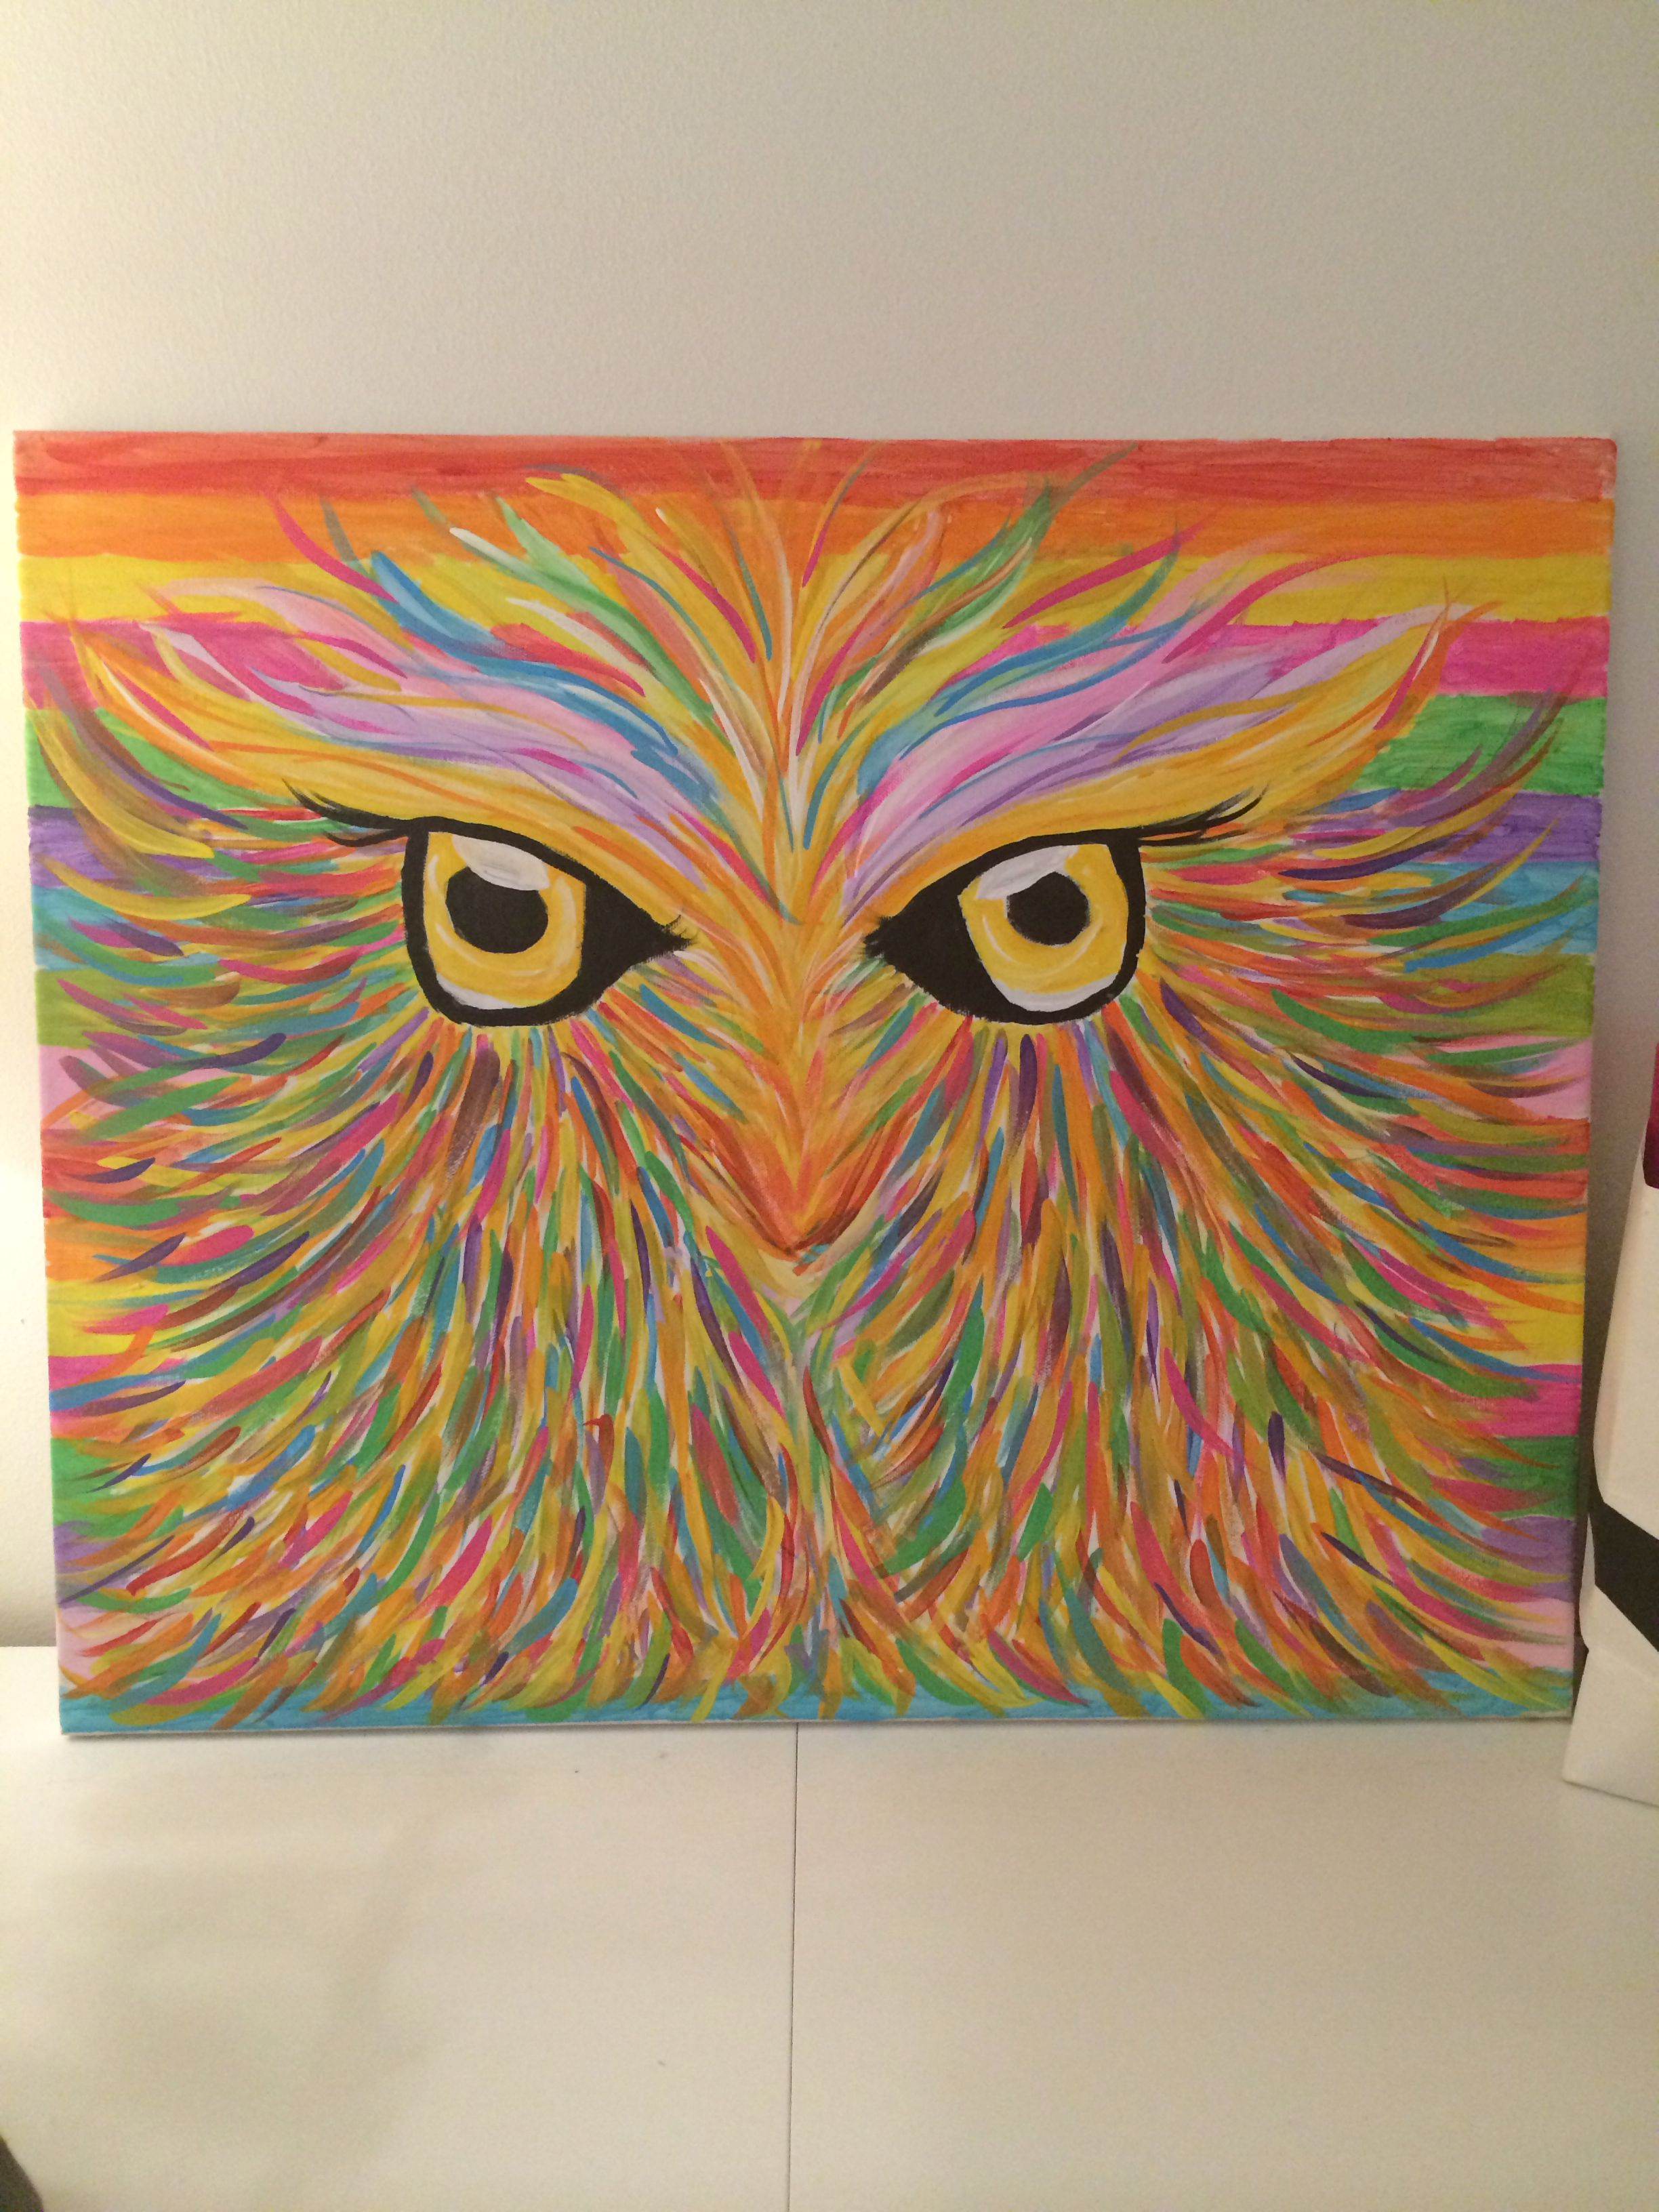 När man inte har råd med dyra tavlor, målar man dem själv. #uggla ...